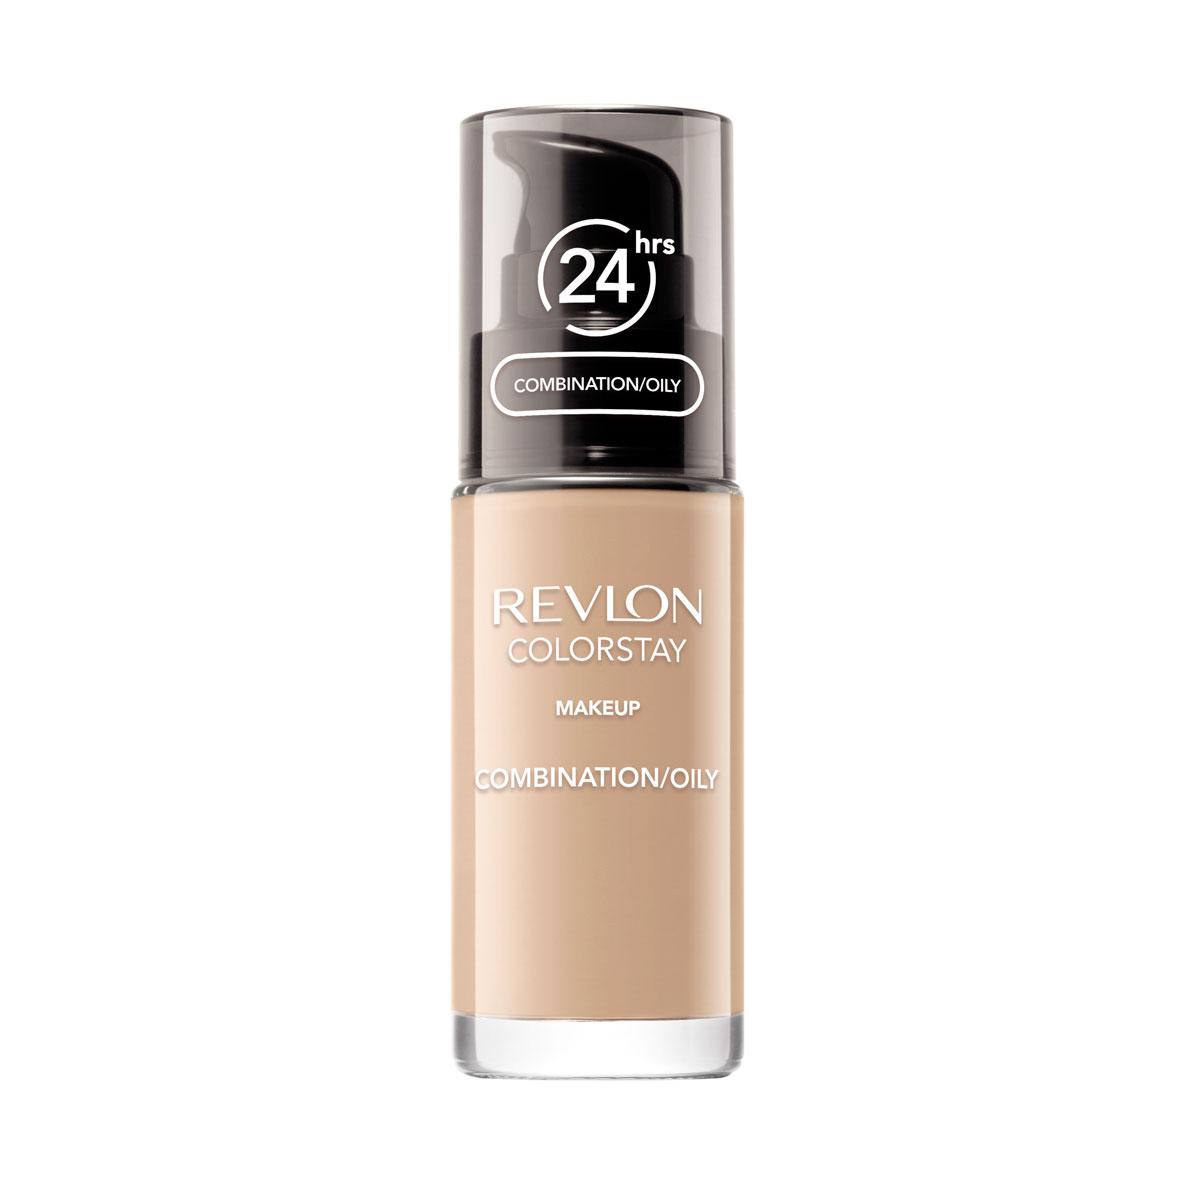 Revlon Тональный Крем для Комб-Жирн Кожи Colorstay Makeup For Combination-Oily Skin True beige 320 30 мл7221552010Make Up For Combination / Oily Skin - тональный крем с удивительно легкой текстурой идеально выравнивает тон и рельеф кожи, защищает от появления жирного блеска. Colorstay дарит коже приятную матовость, сохраняет макияж безупречным надолго.Новая технология поддерживает баланс кожи, обеспечивая свежий и естественный вид. Продукт номер 1 по стойкости, обеспечивает идеальное покрытие в течение 24 часов без повторного нанесения! Предназначен для смешанной и жирной кожи.